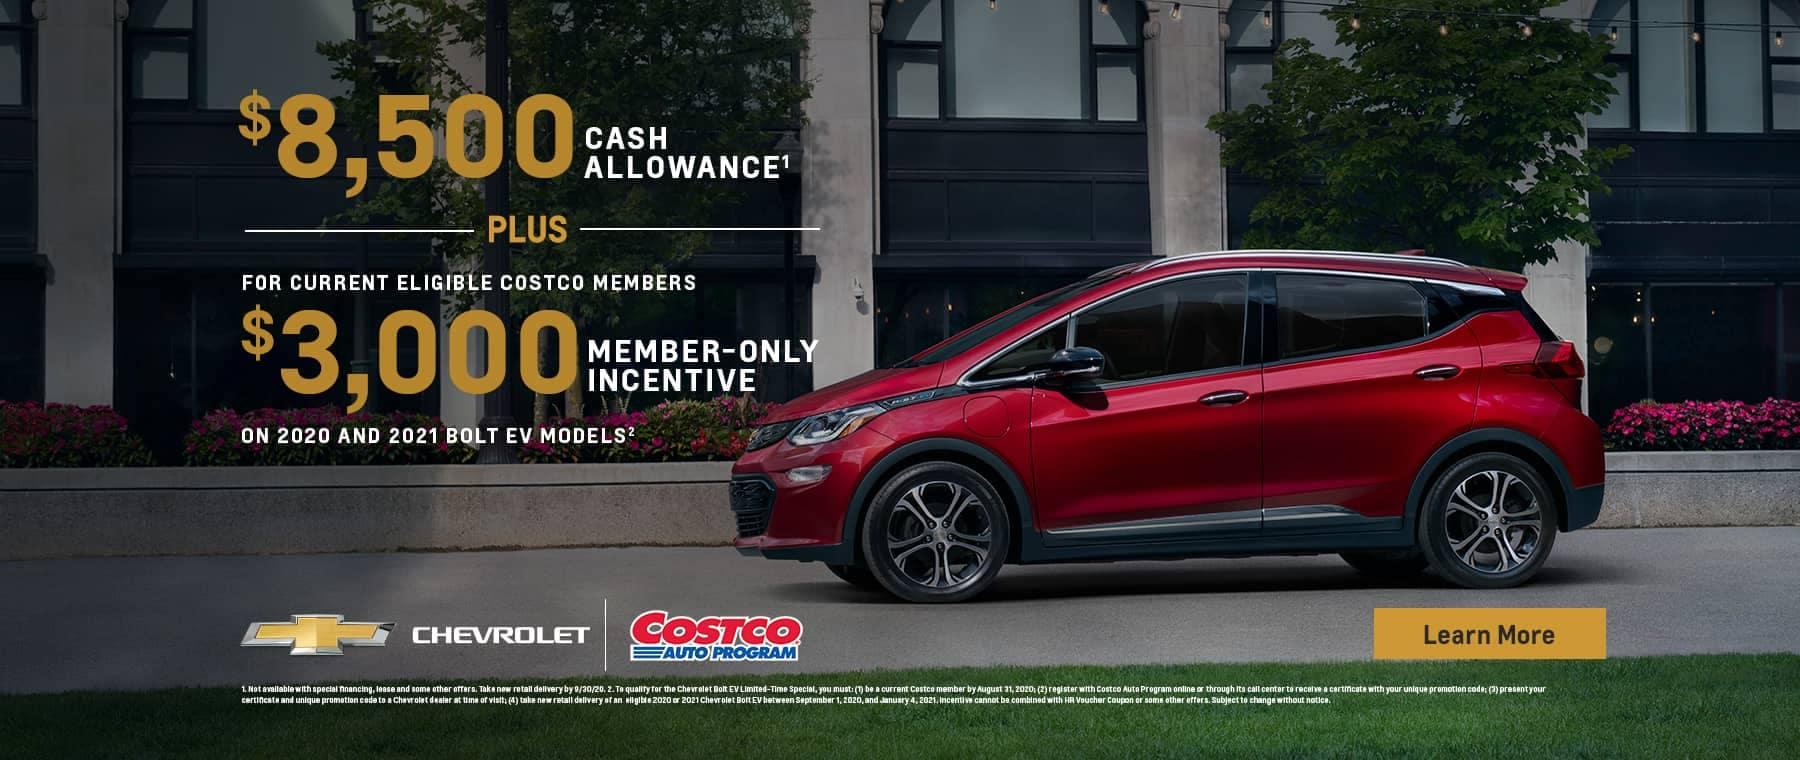 20_2020_SEPTEMBER_$8,500 + $3,000 CA_COSTCO BOLT EV_1800x760